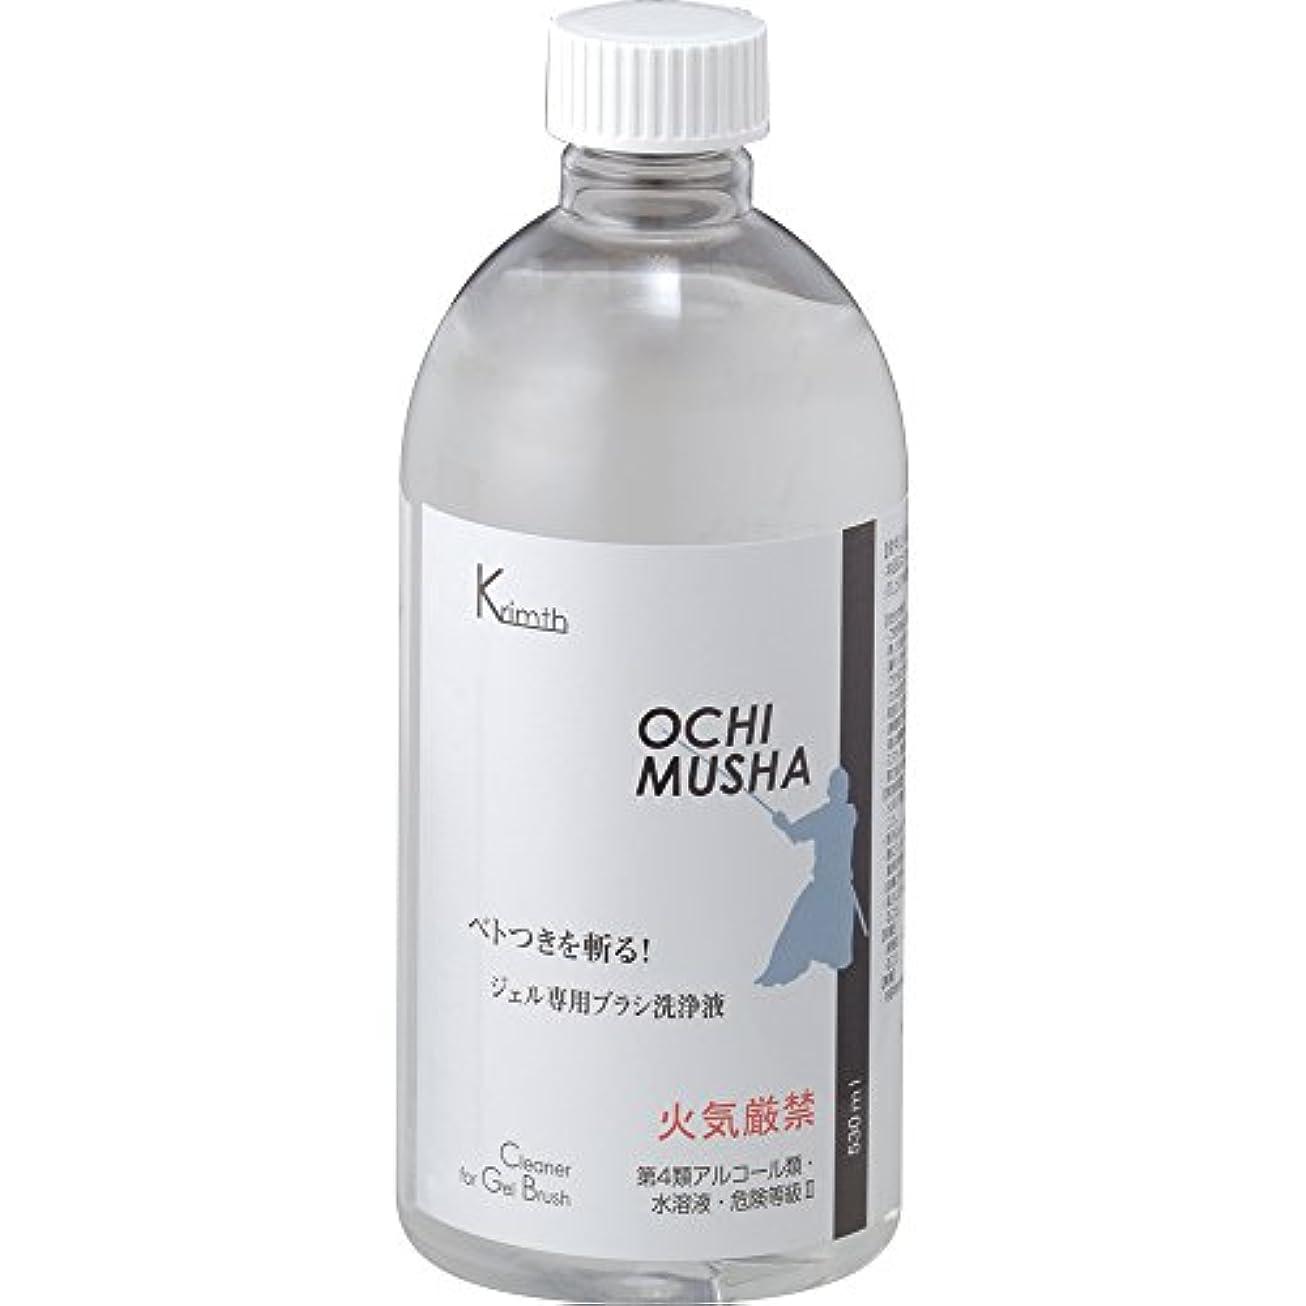 作物デモンストレーション眉をひそめるKrimth Ochimusha 530ml